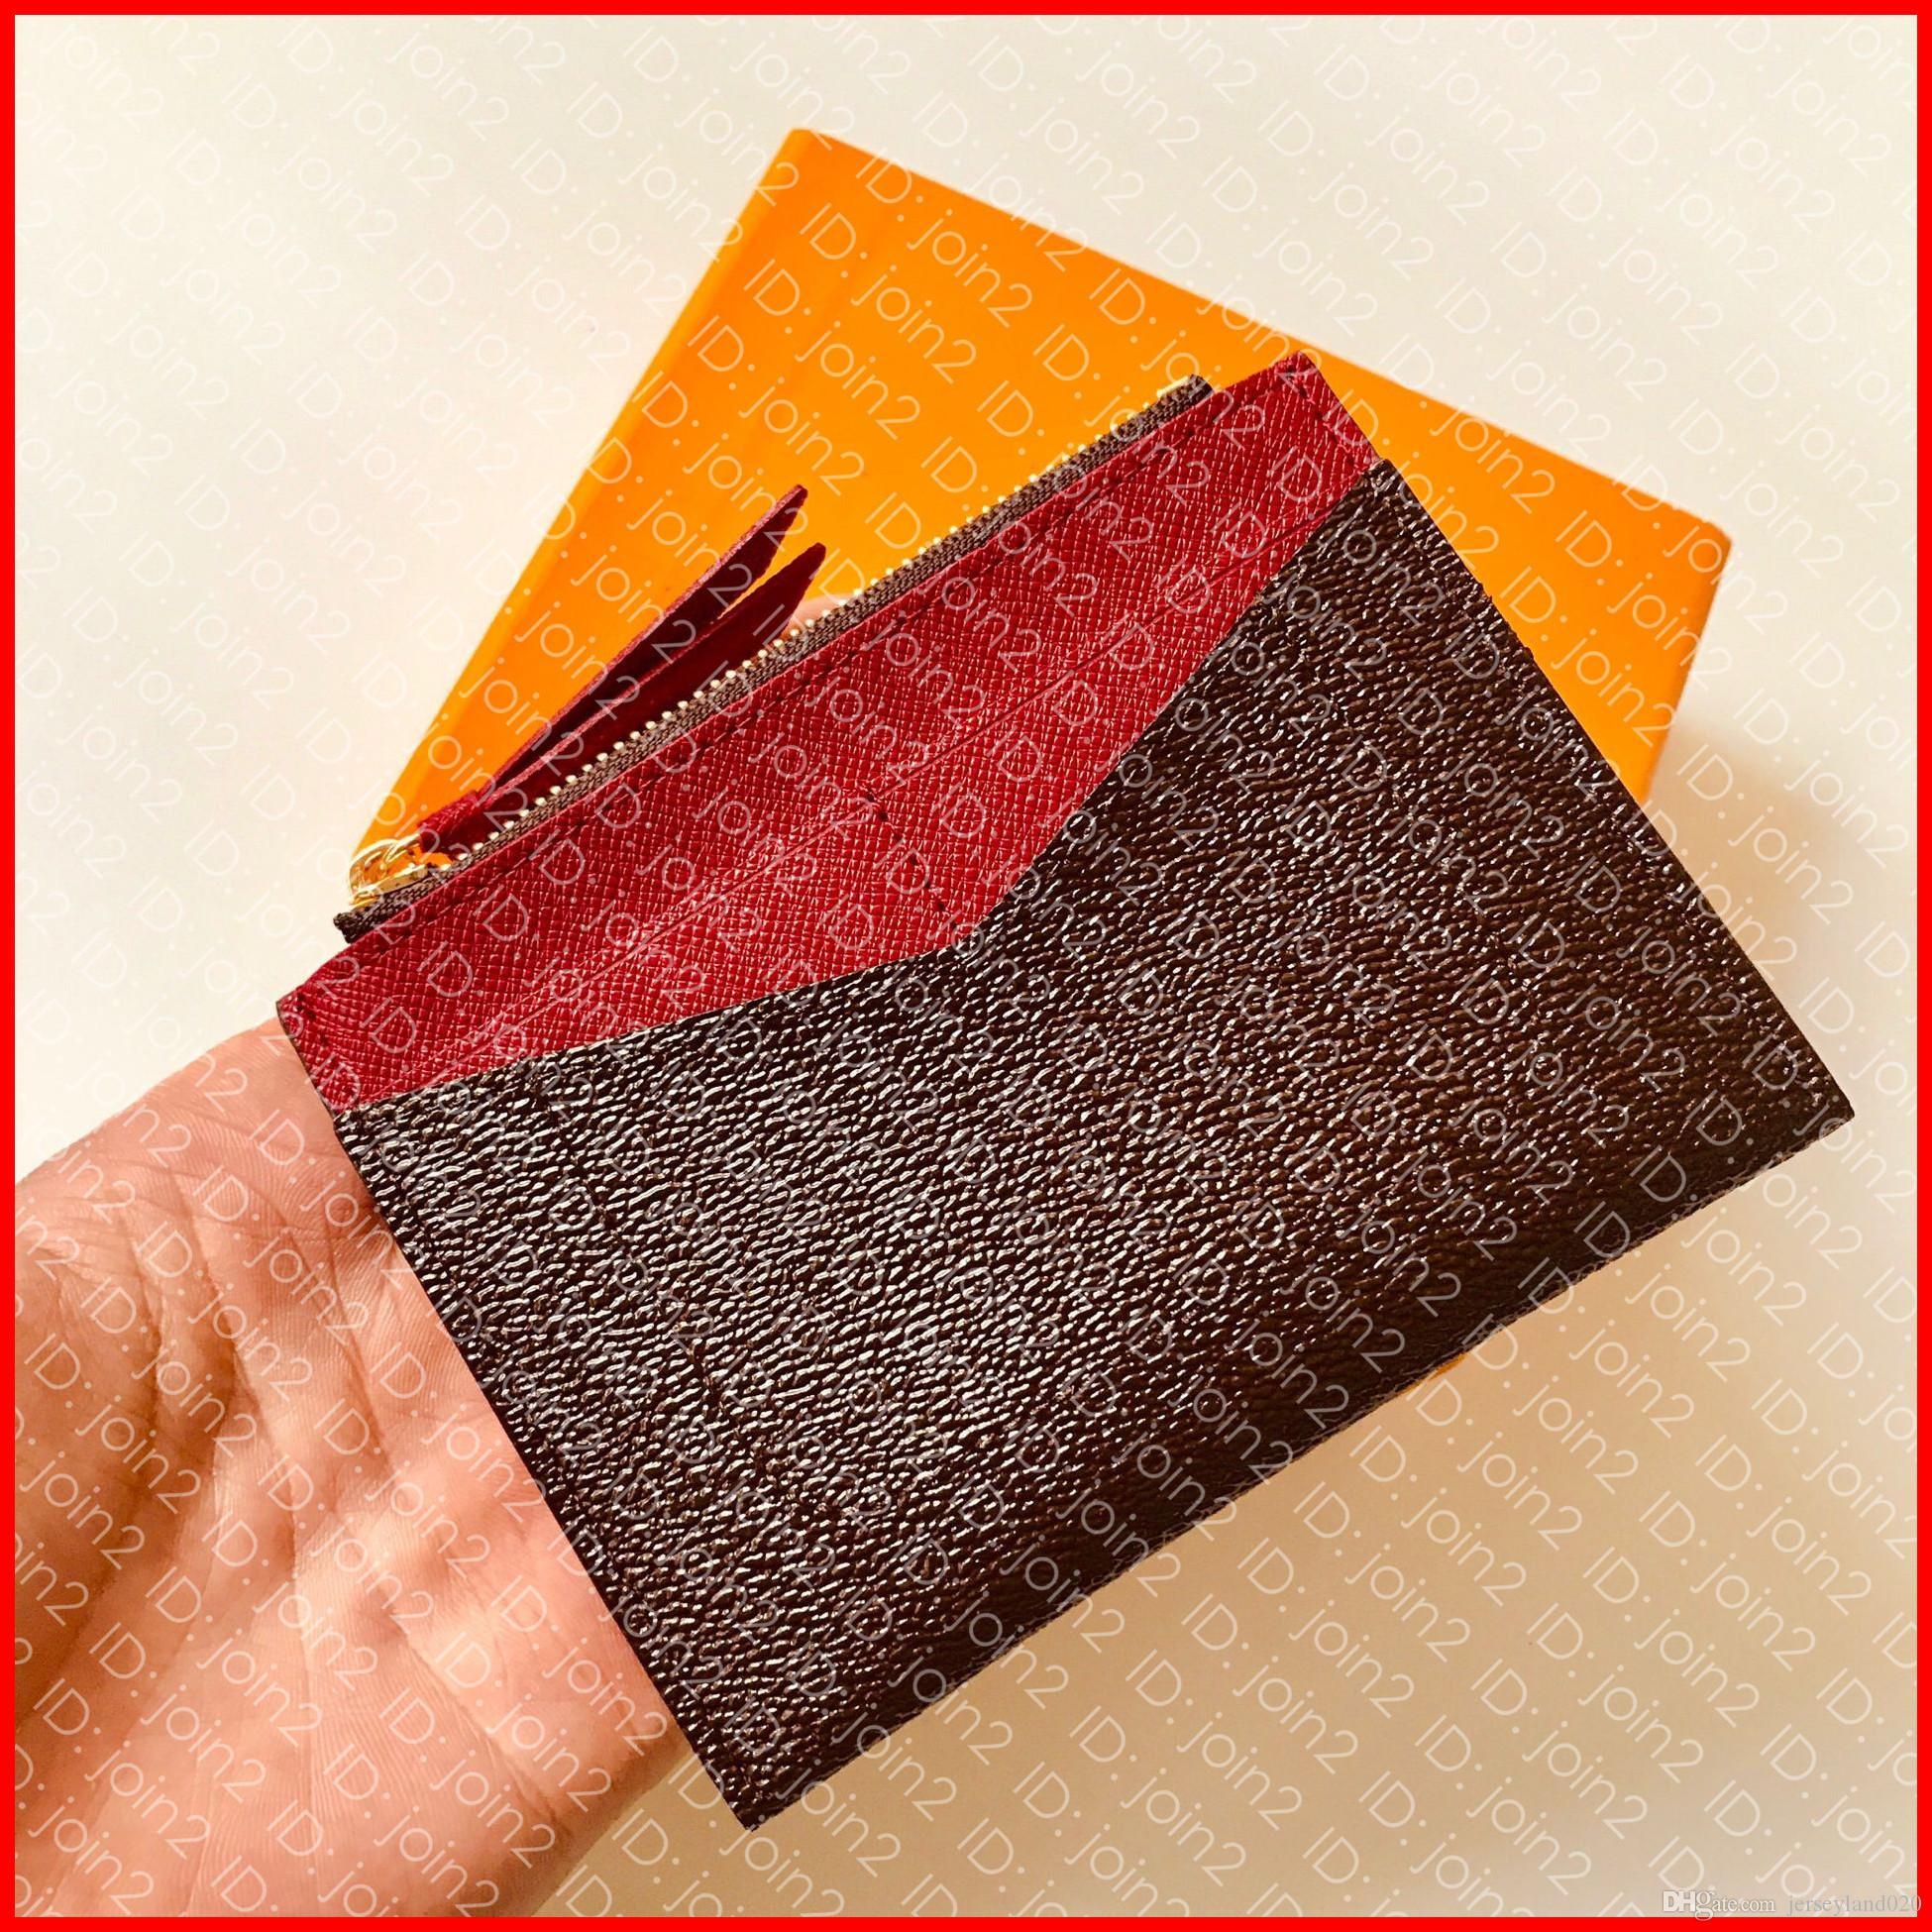 M62257 حامل بطاقة مضغوطة مصمم أزياء المرأة مضغوط حامل حامل البطاقة عملة محفظة الفاخرة مفتاح محفظة فاتورة الحقيبة العلامة التجارية معرف حالة مصغرة pochette